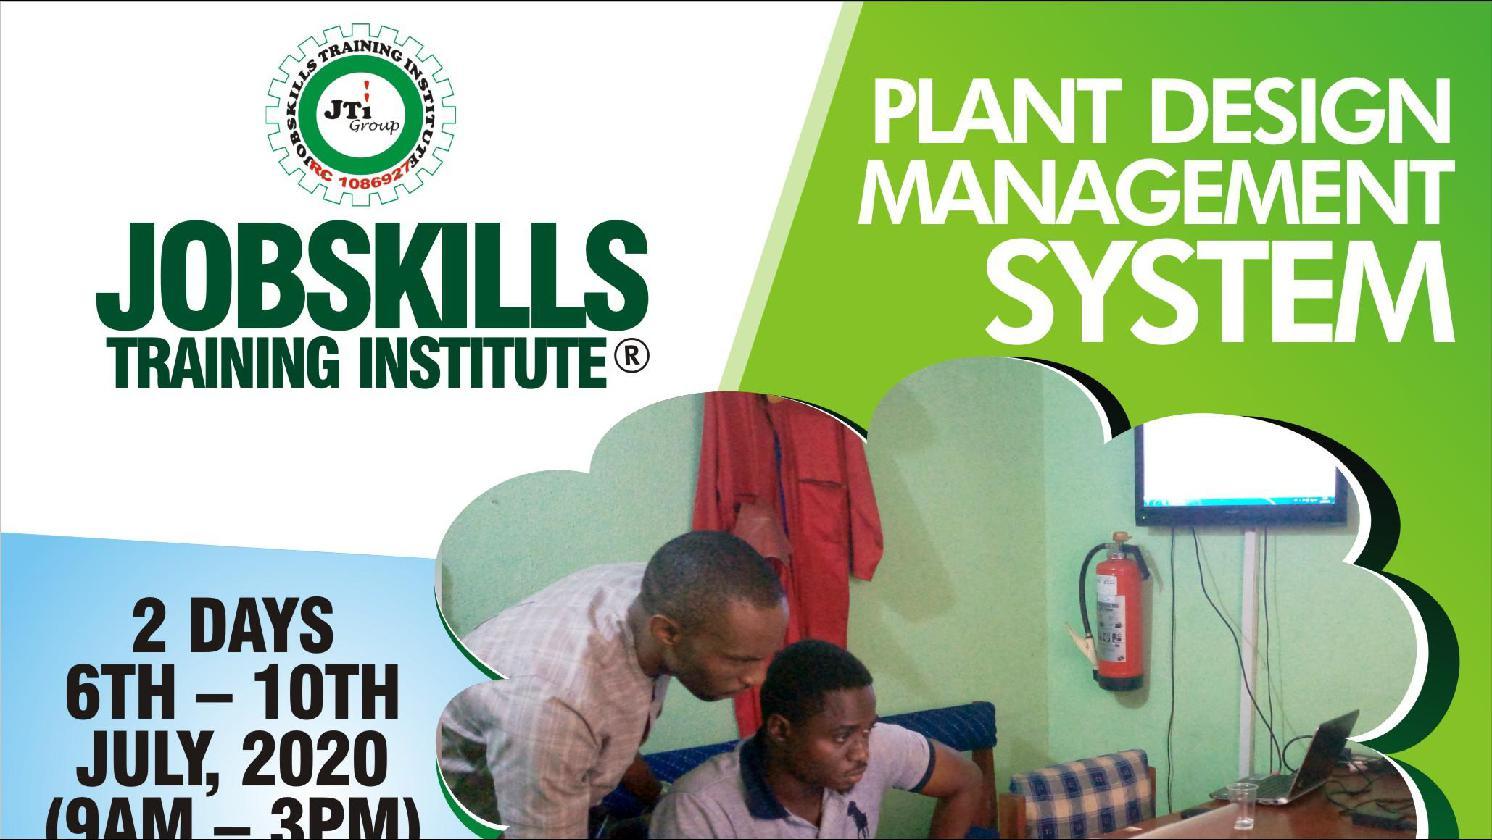 Plant Design Management System Training Pdms Designer 6 Jul 2020